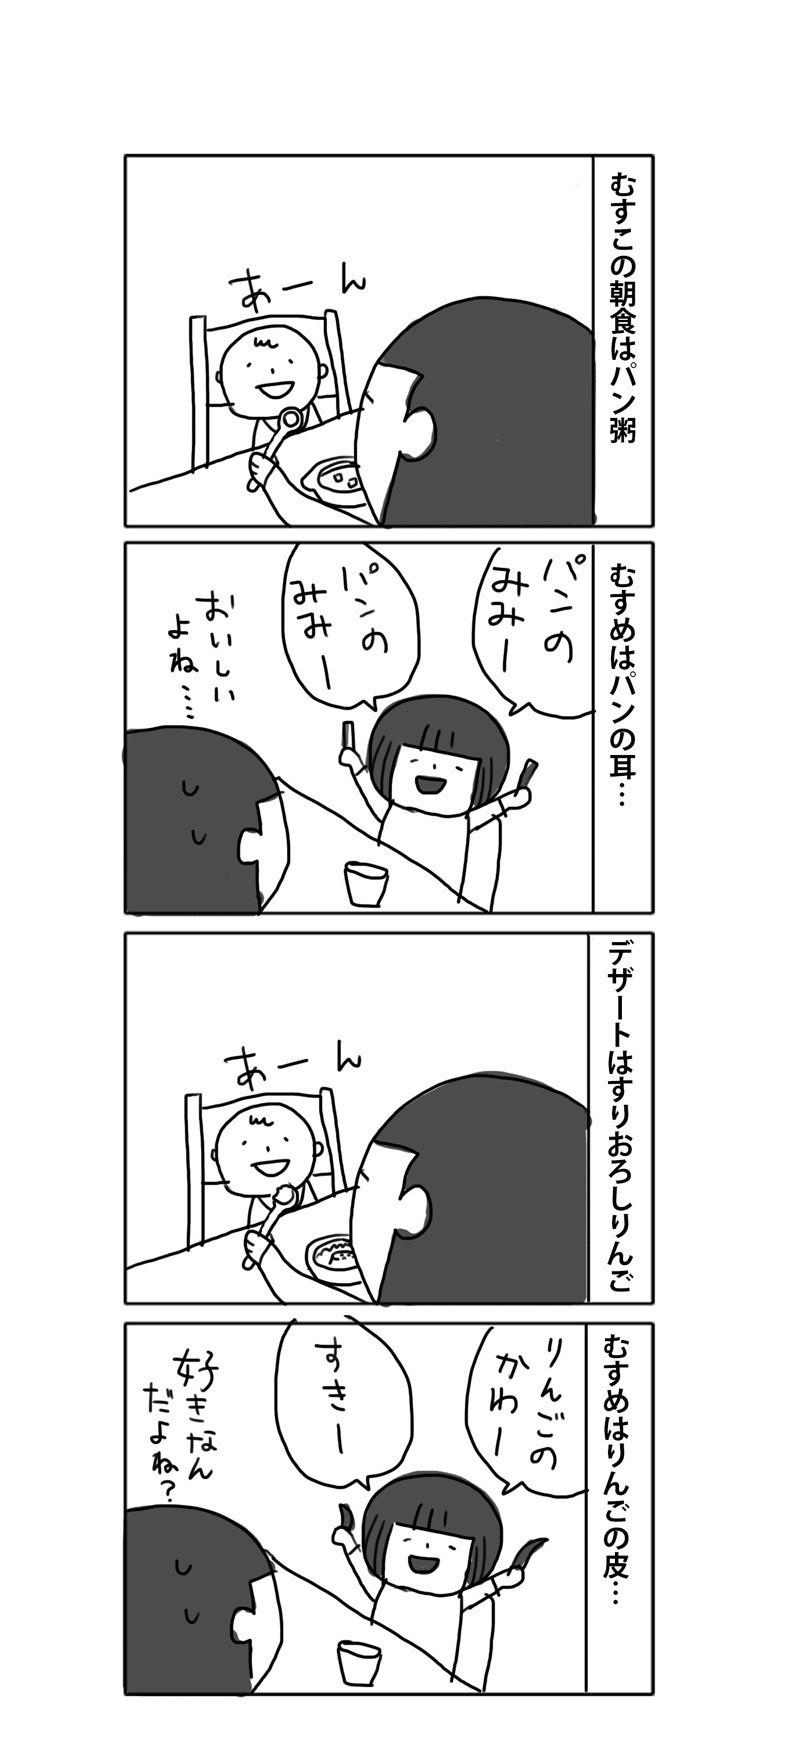 むすめの好物…ふと気付いたら弟の残飯ばかりでした…(^_^;)